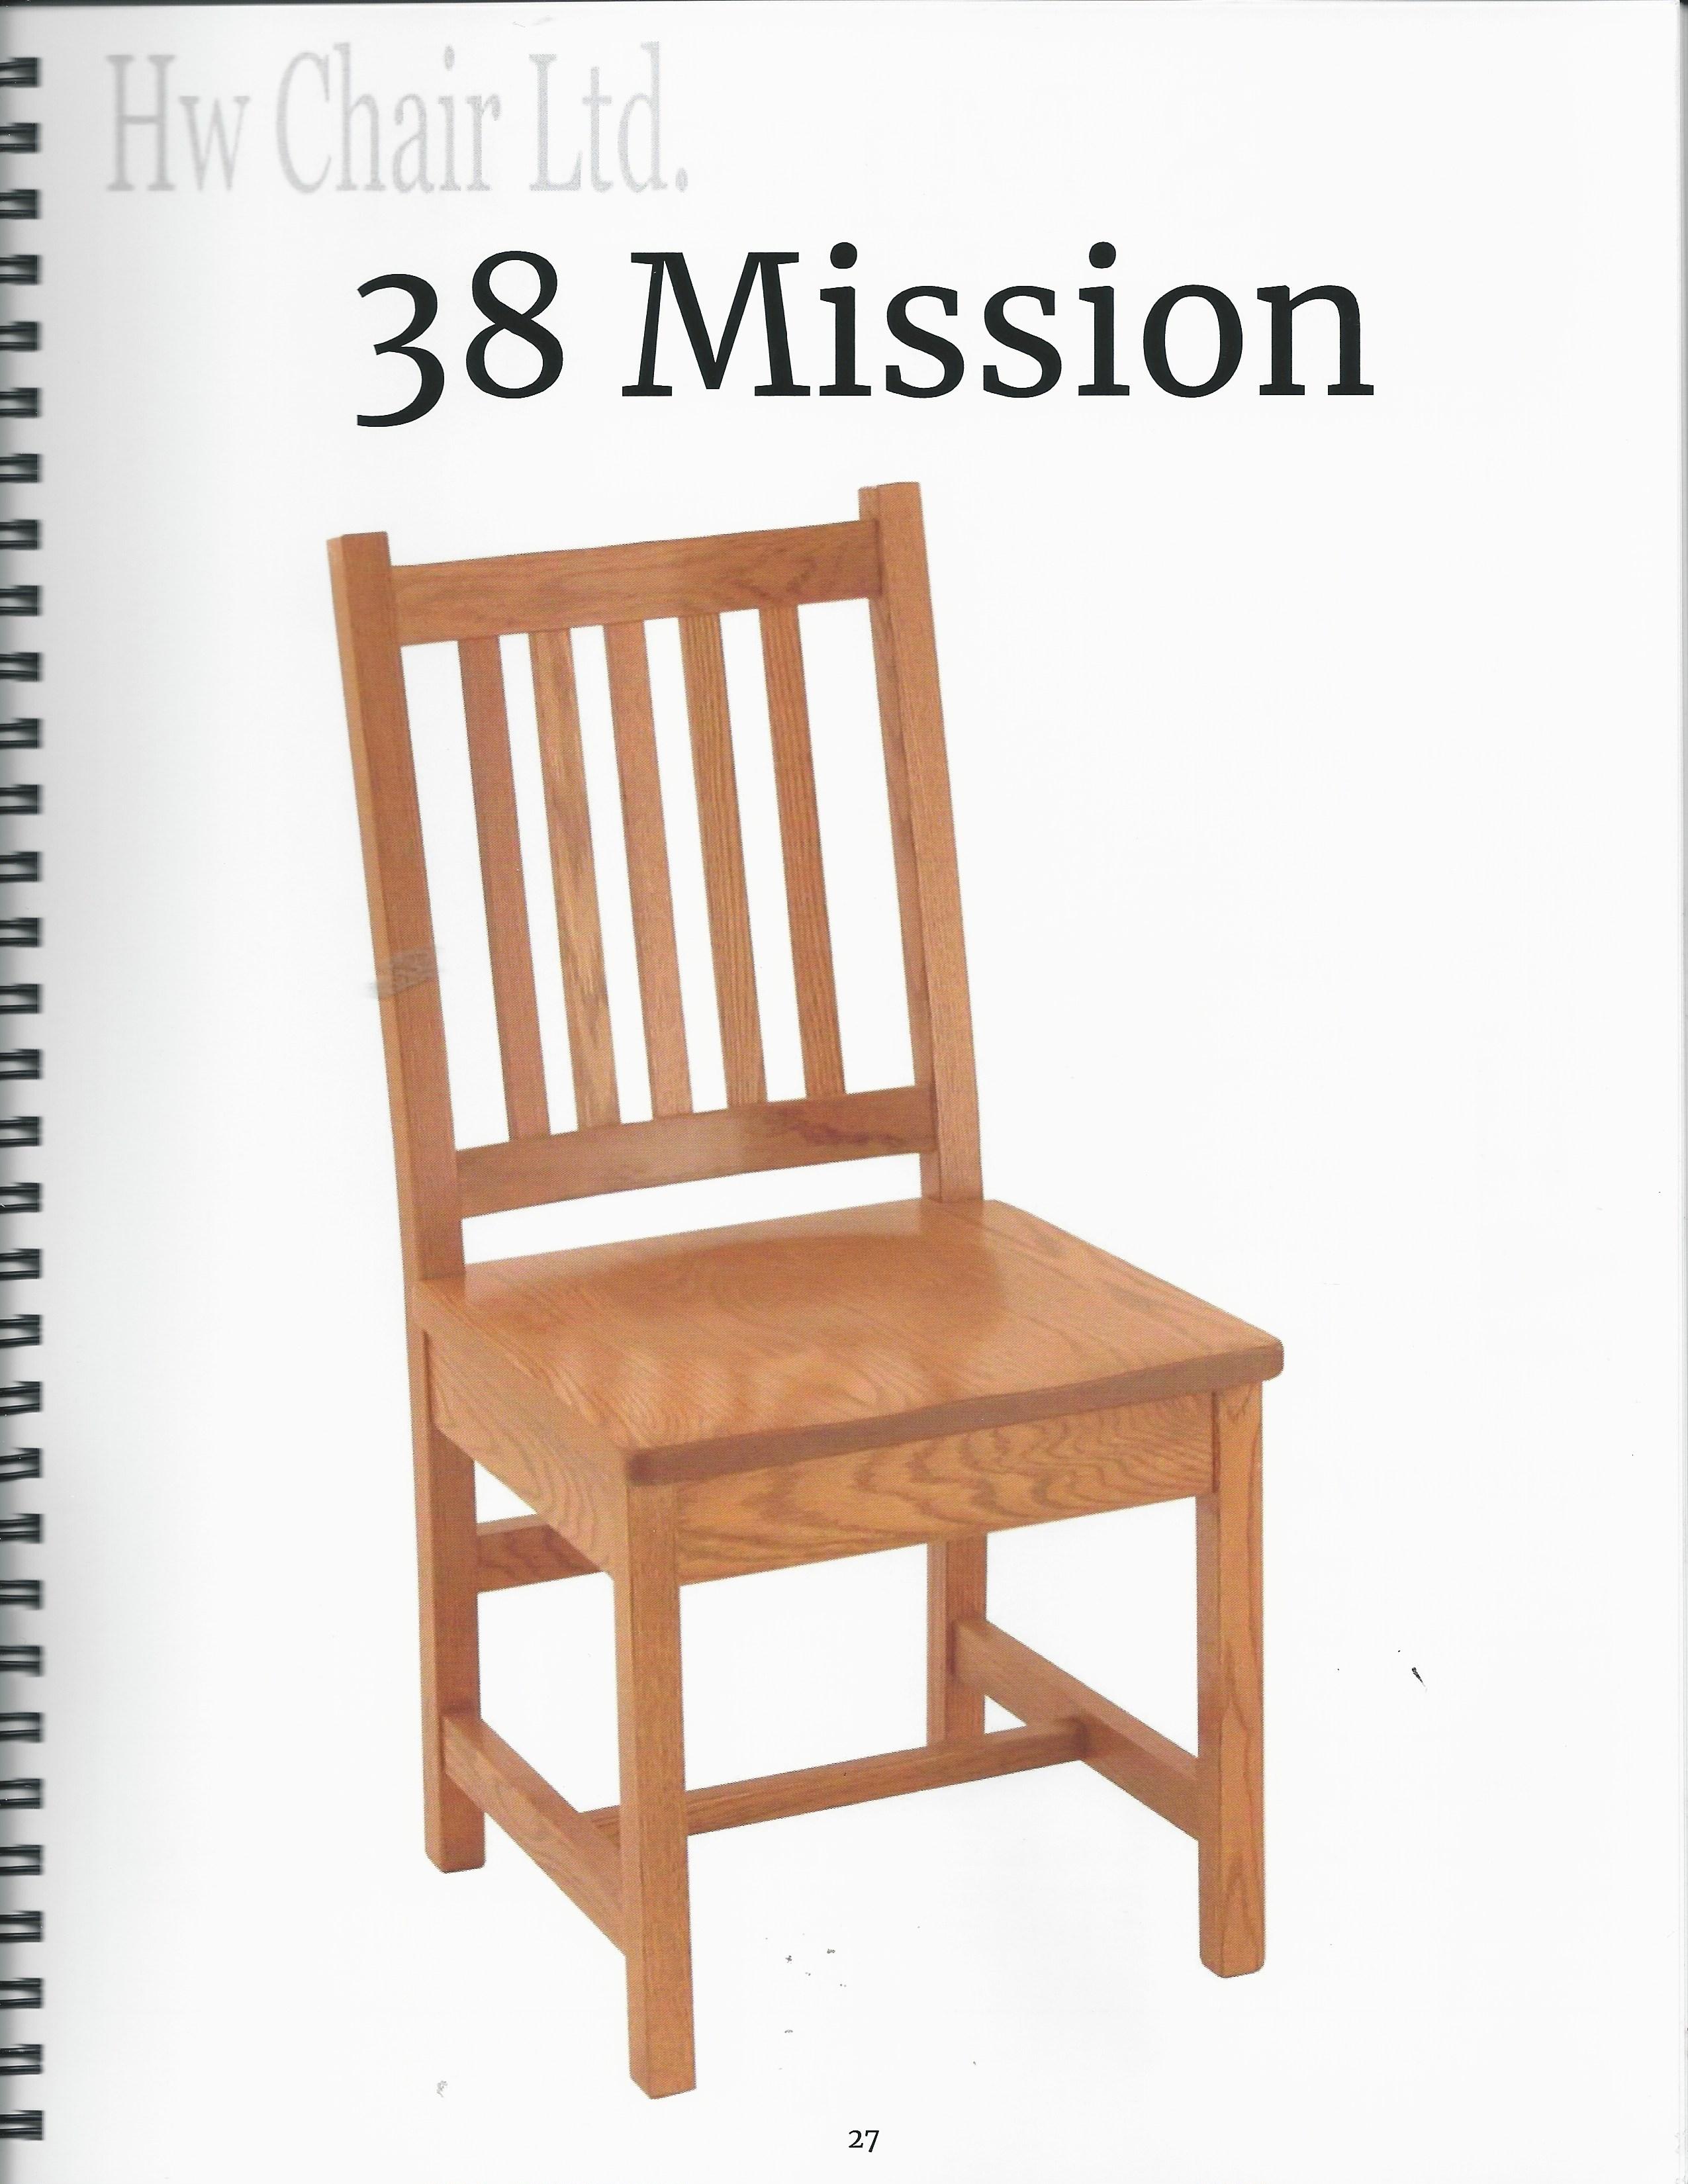 38Mission